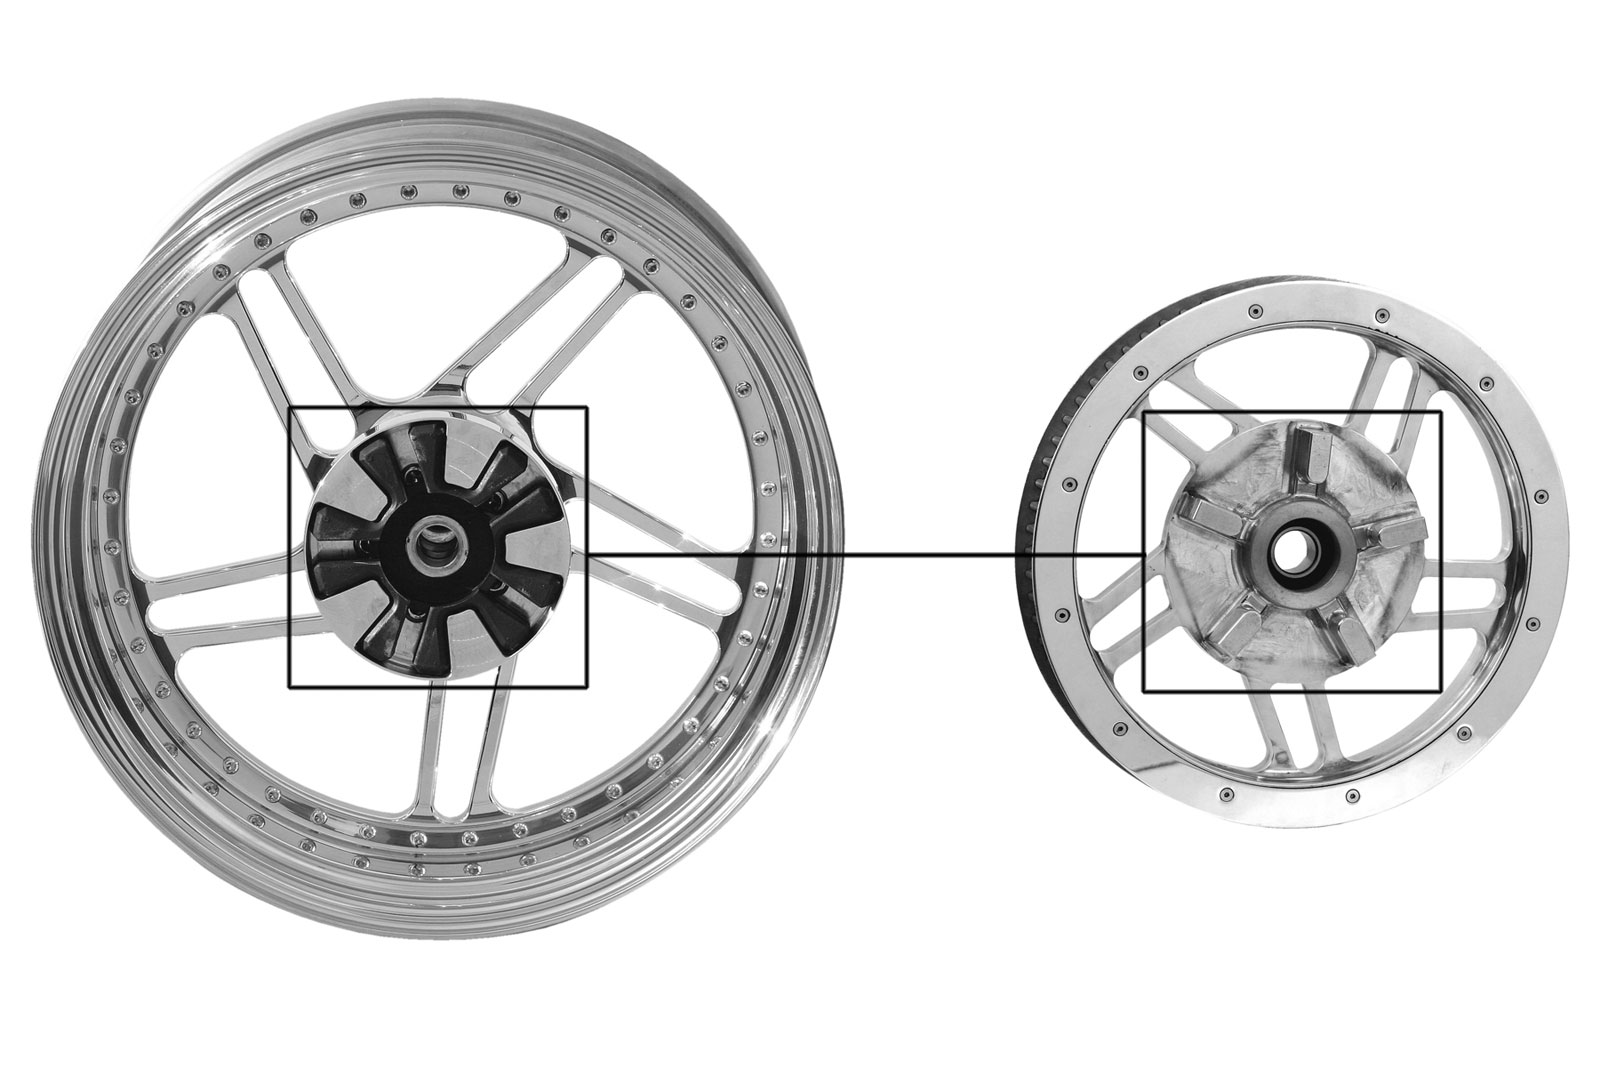 TB Pulley Triple für Thunderbike Räder